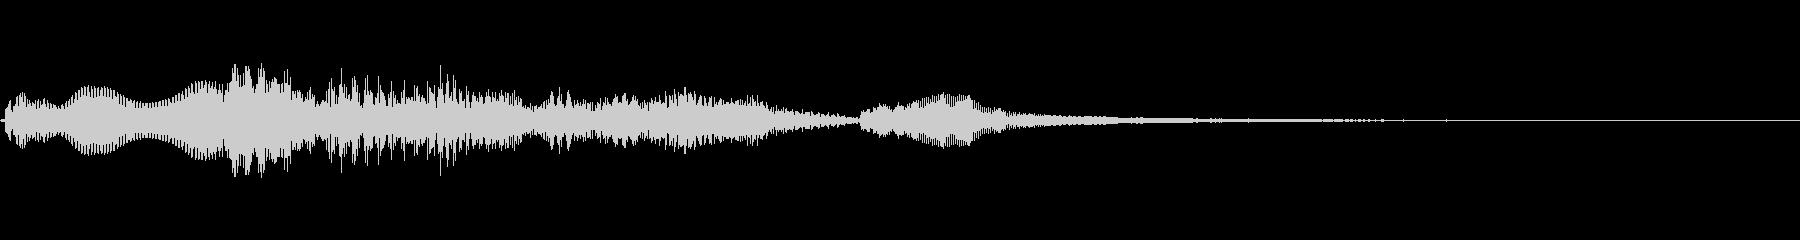 [効果音]ほのぼの、着信音の未再生の波形